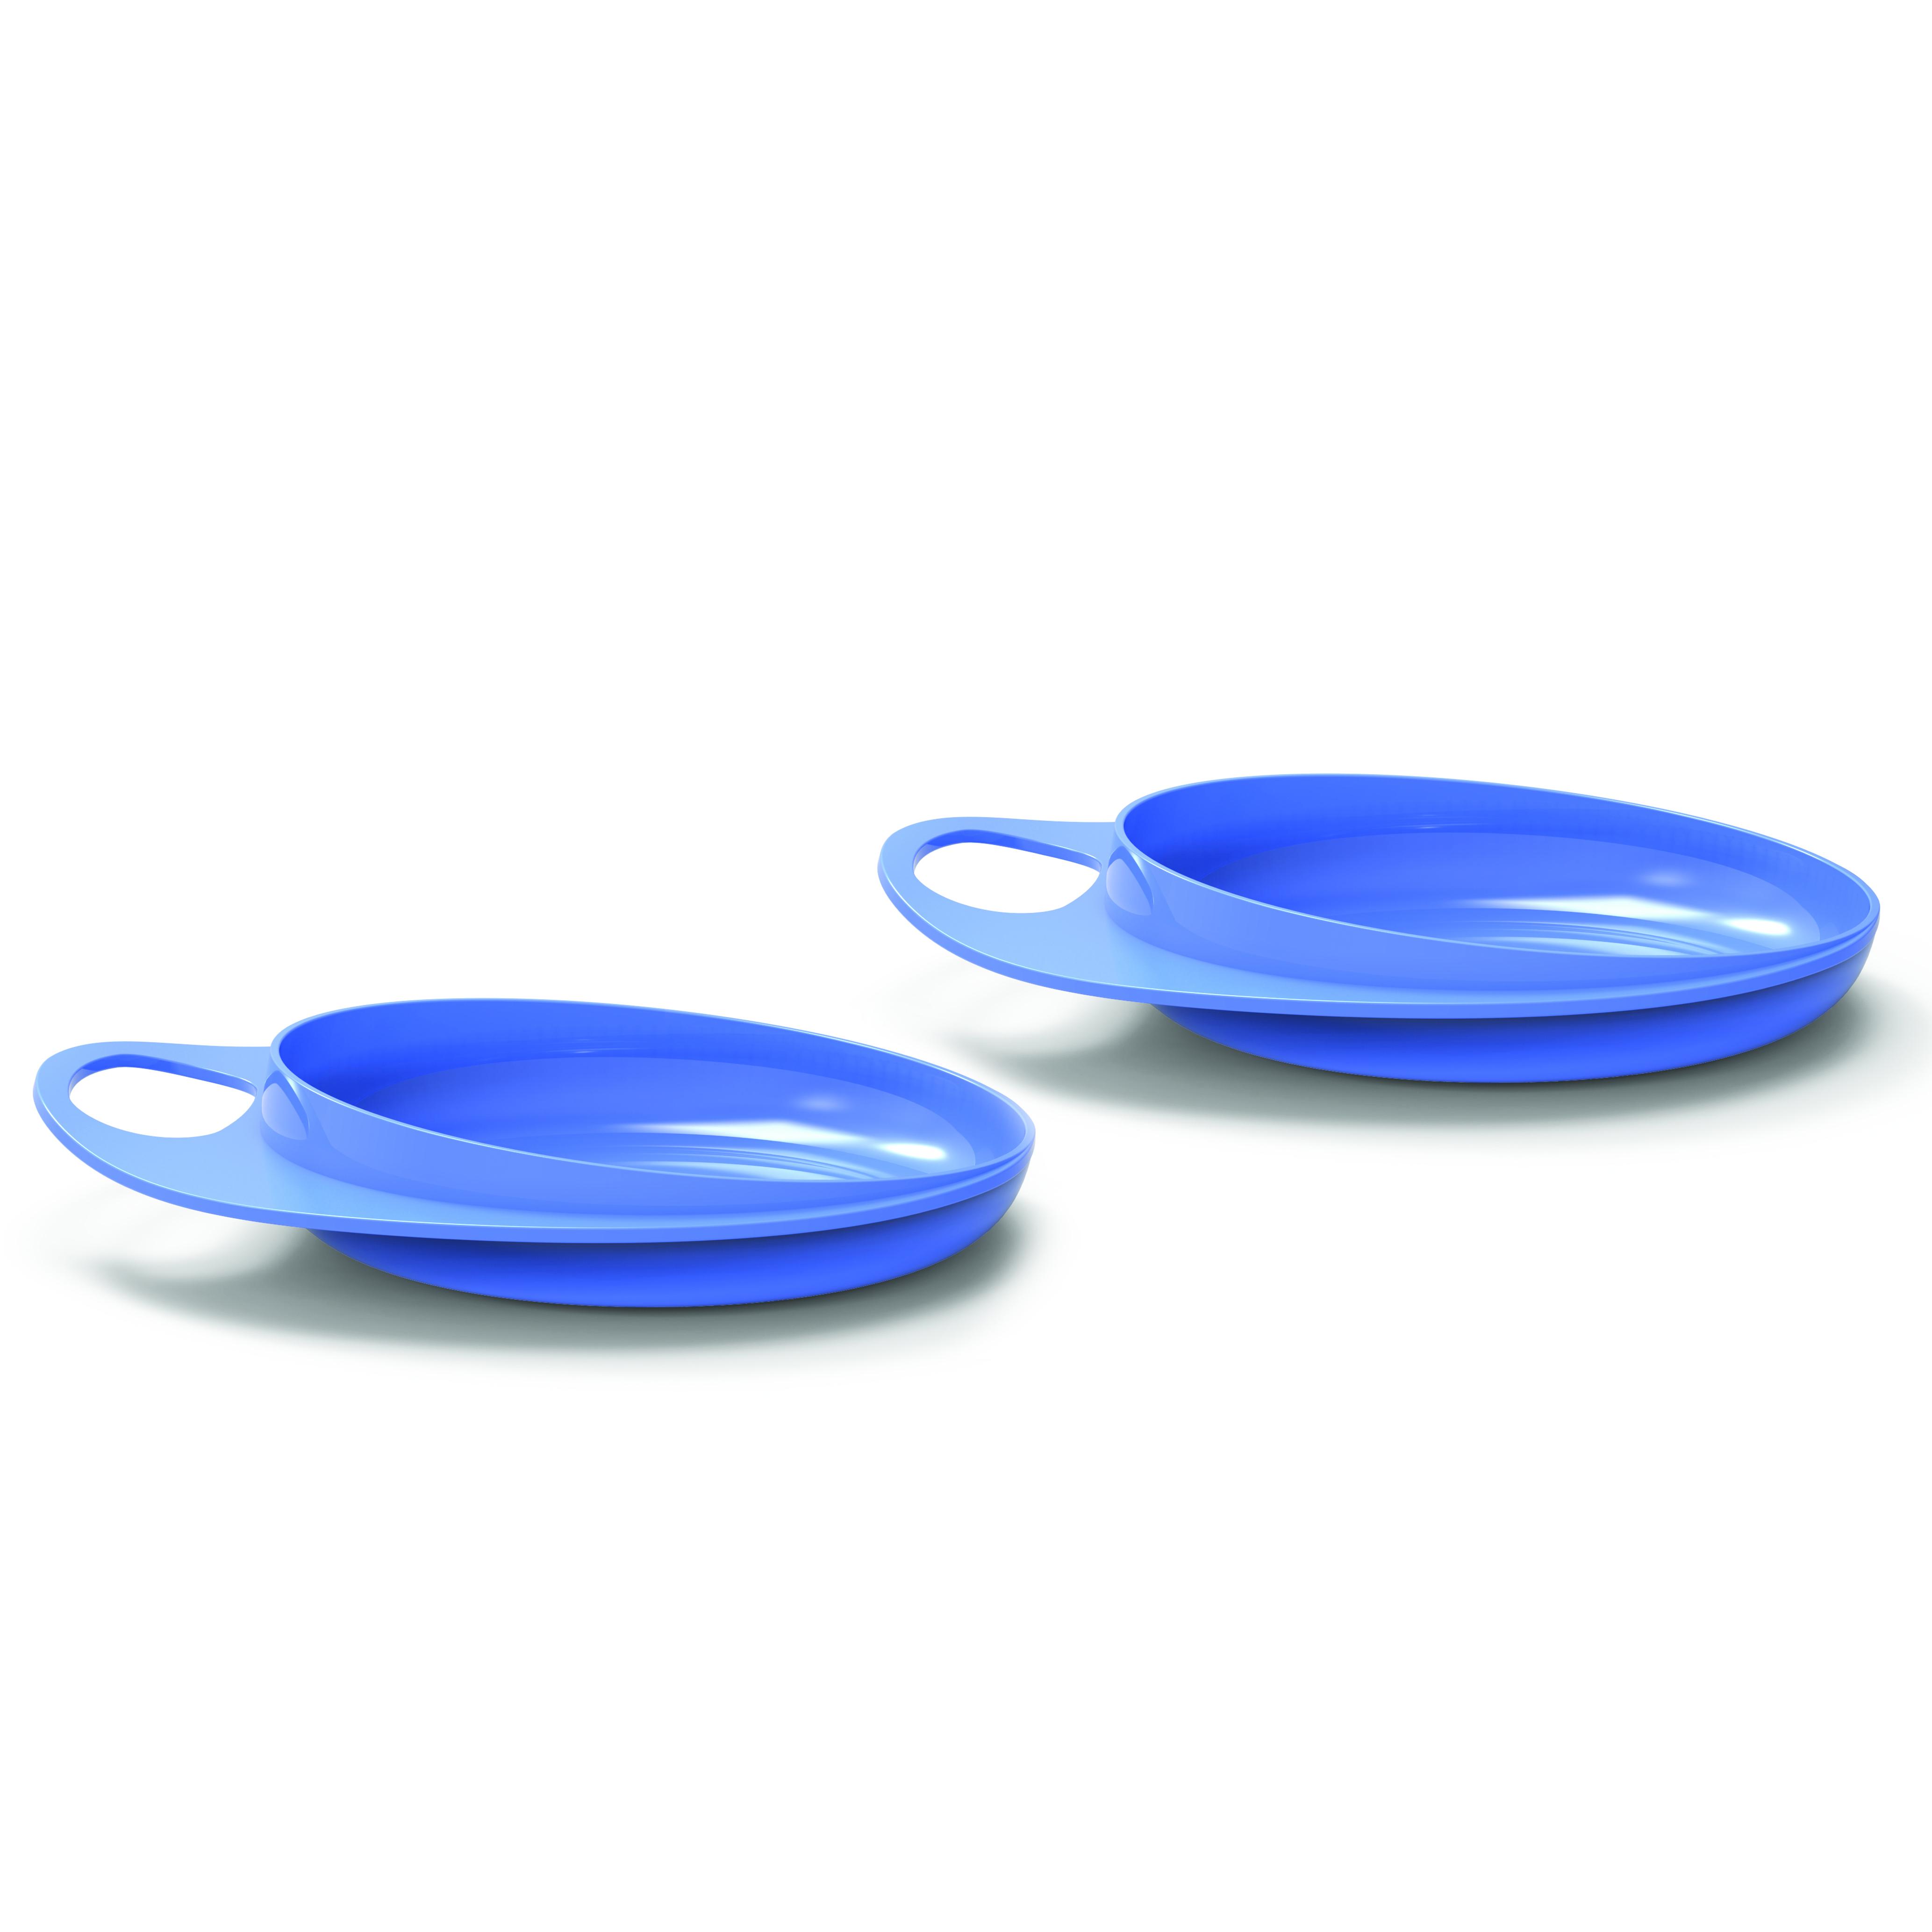 Talíře se zvýšeným okrajem 2ks, Pastel blue